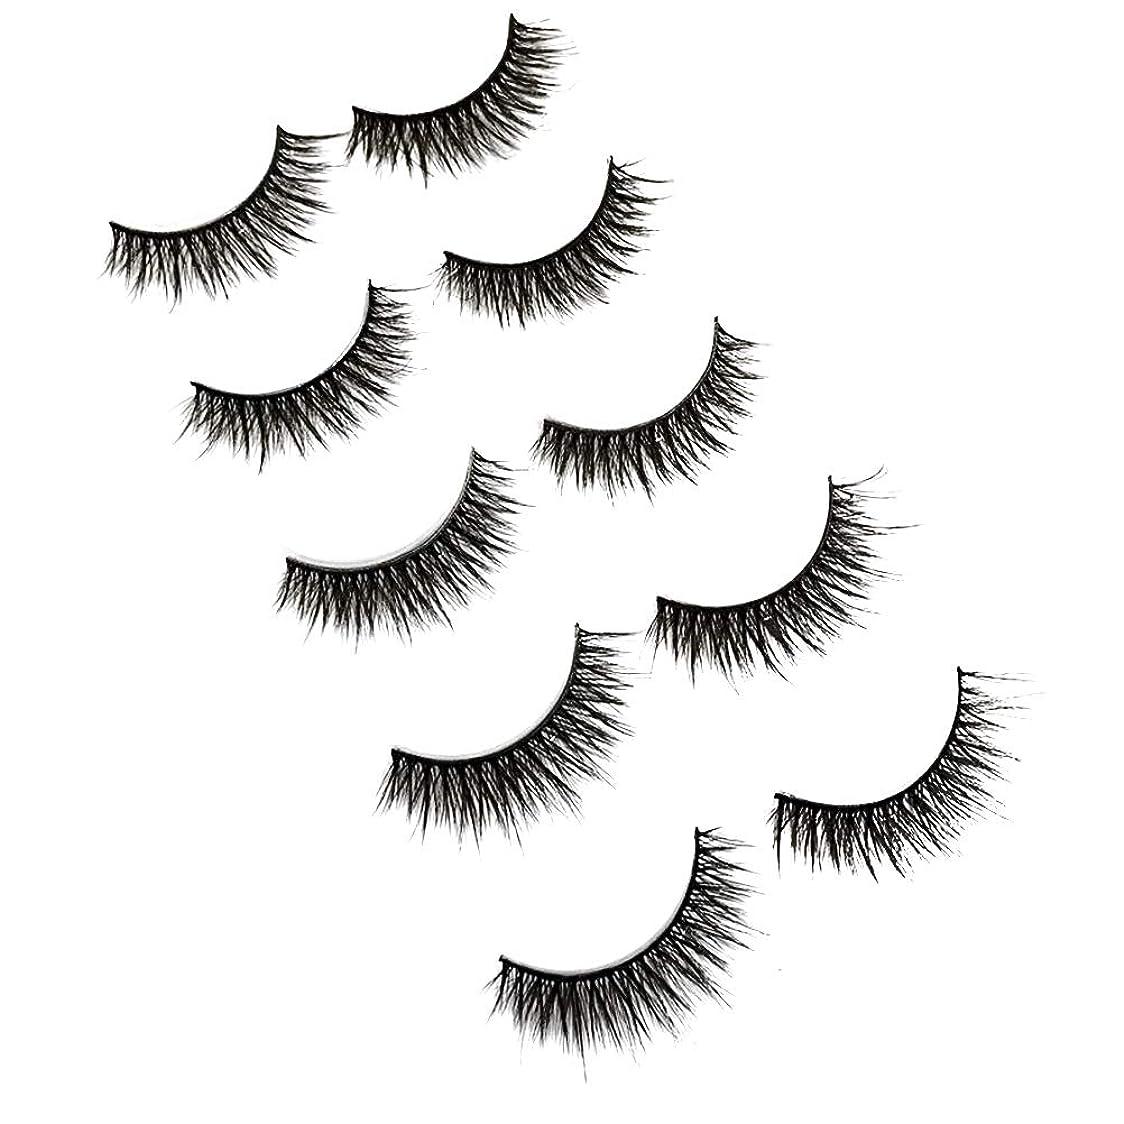 権限を与える使役長いです5ペアレディース3Dクロスイミテーションミンクの毛皮まつげ手作り稠密長い再利用可能なまつげ女性のためのナチュラルルック(3D30)